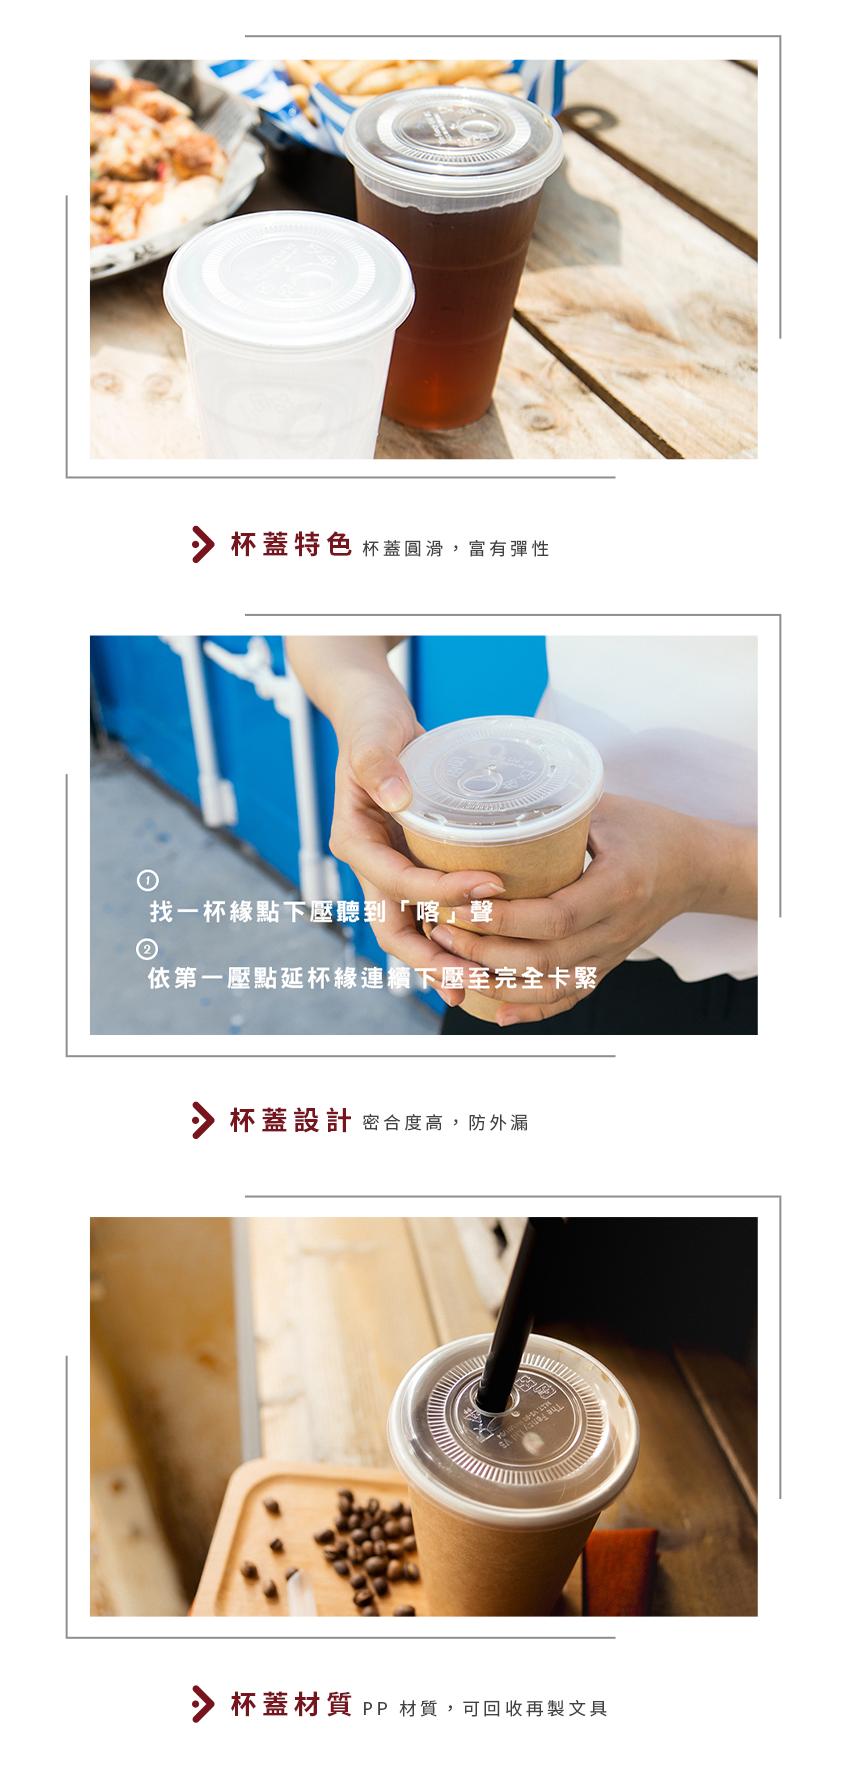 冰杯蓋 透明 獨家專利設計  無毒 90口徑 咖啡杯蓋 有掀蓋 就口蓋 免吸管 塑膠杯蓋 熱飲打包杯蓋 防漏 耐熱 耐高溫 凸蓋 扣式 上掀 可插吸管 推式 專用蓋 拿鐵 熱飲 就口喝 PP杯蓋 可冷凍